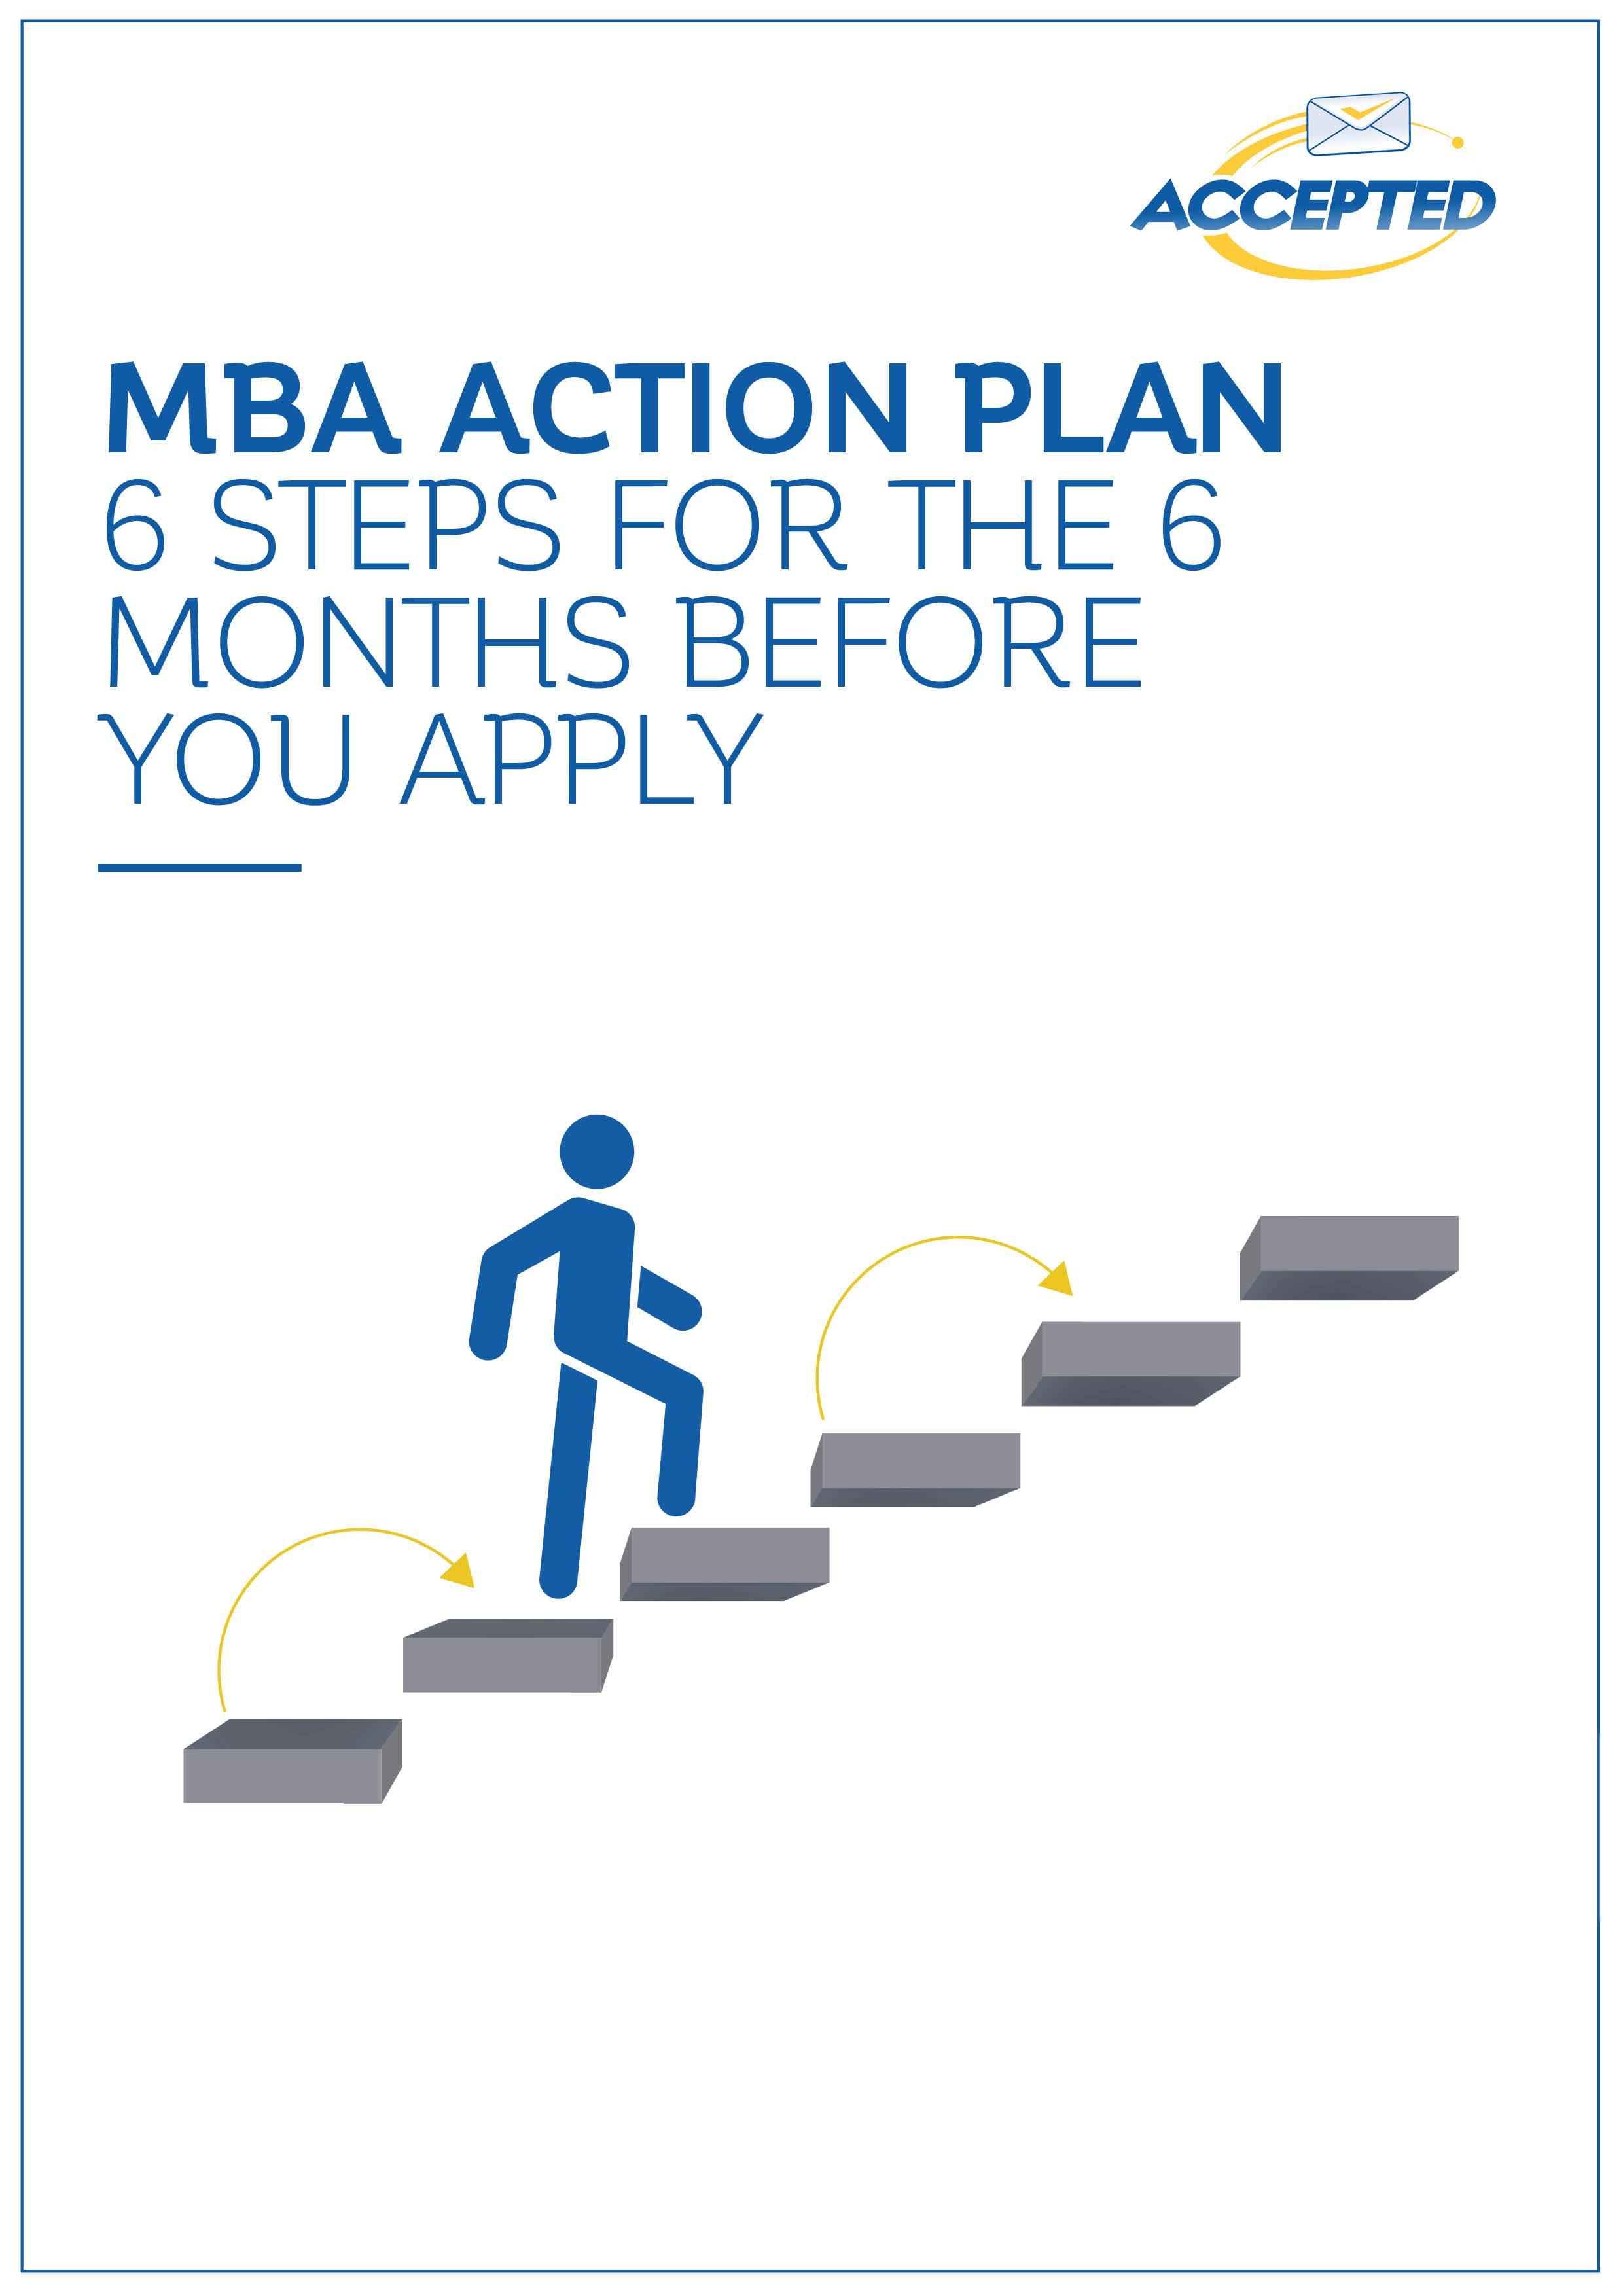 MBA_Action_Plan_2.jpg